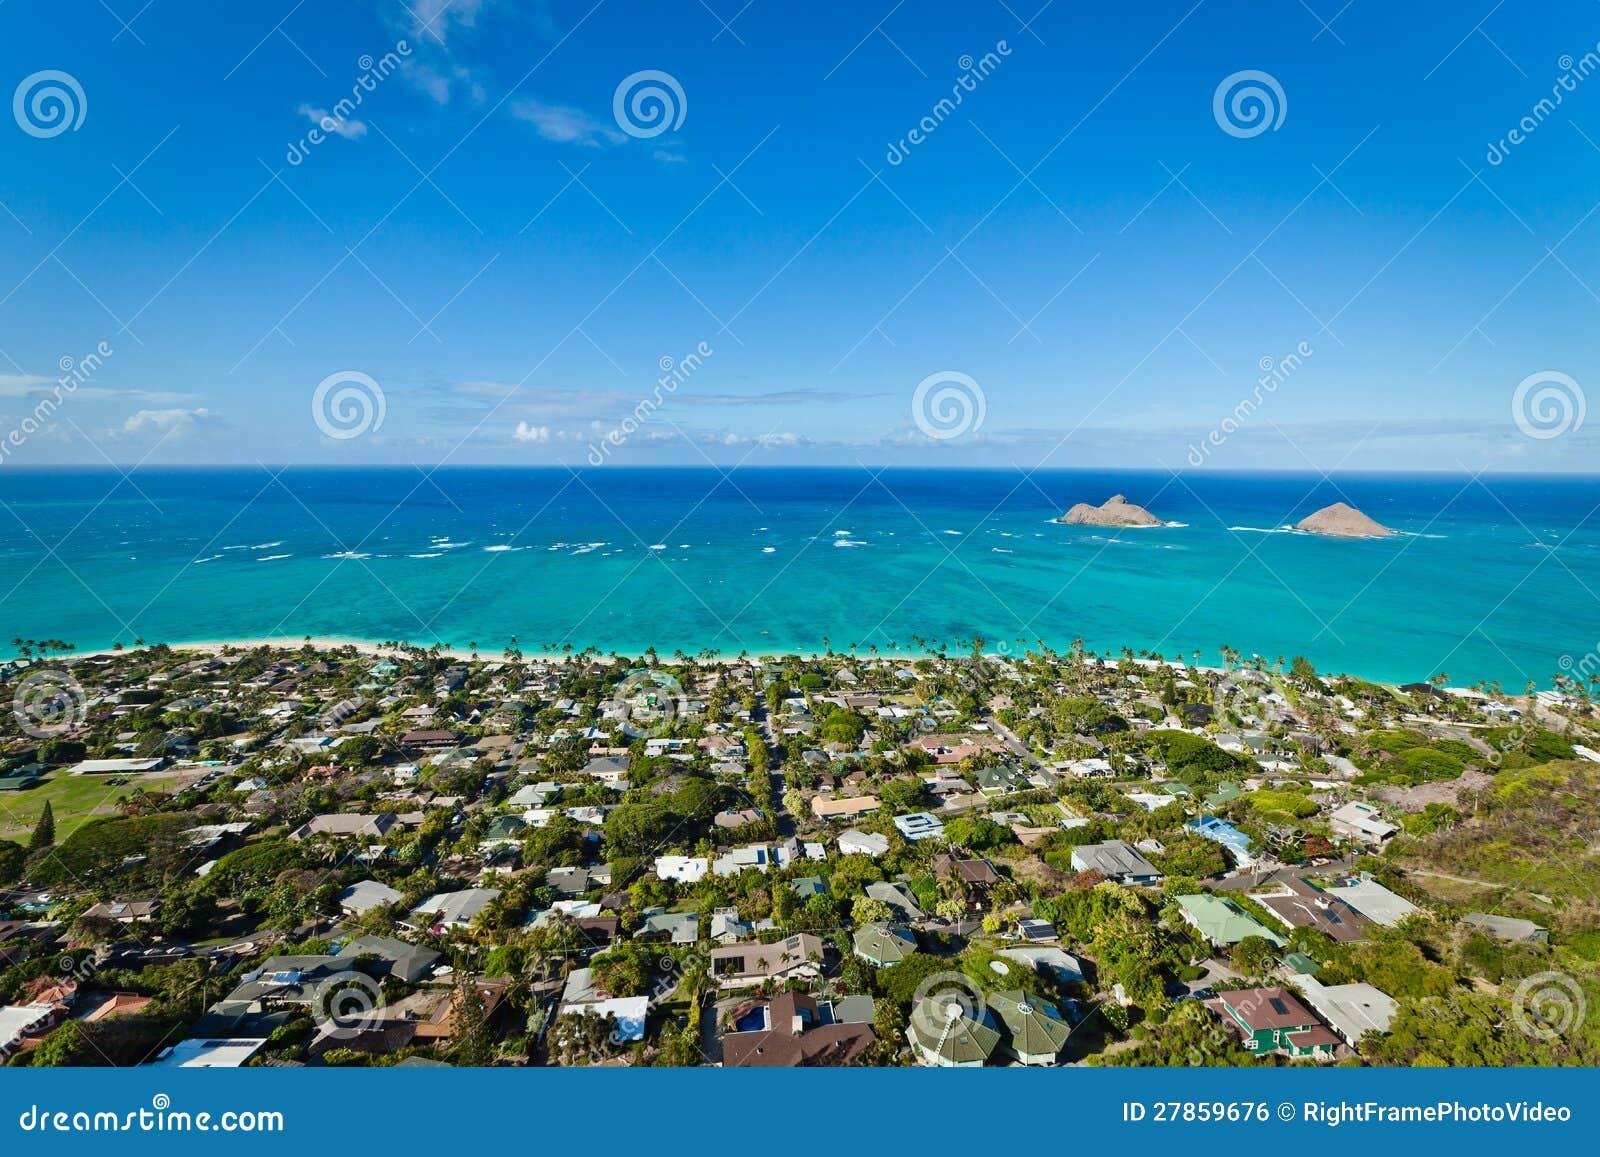 Przy oceanem dwa tropikalnej wyspy.